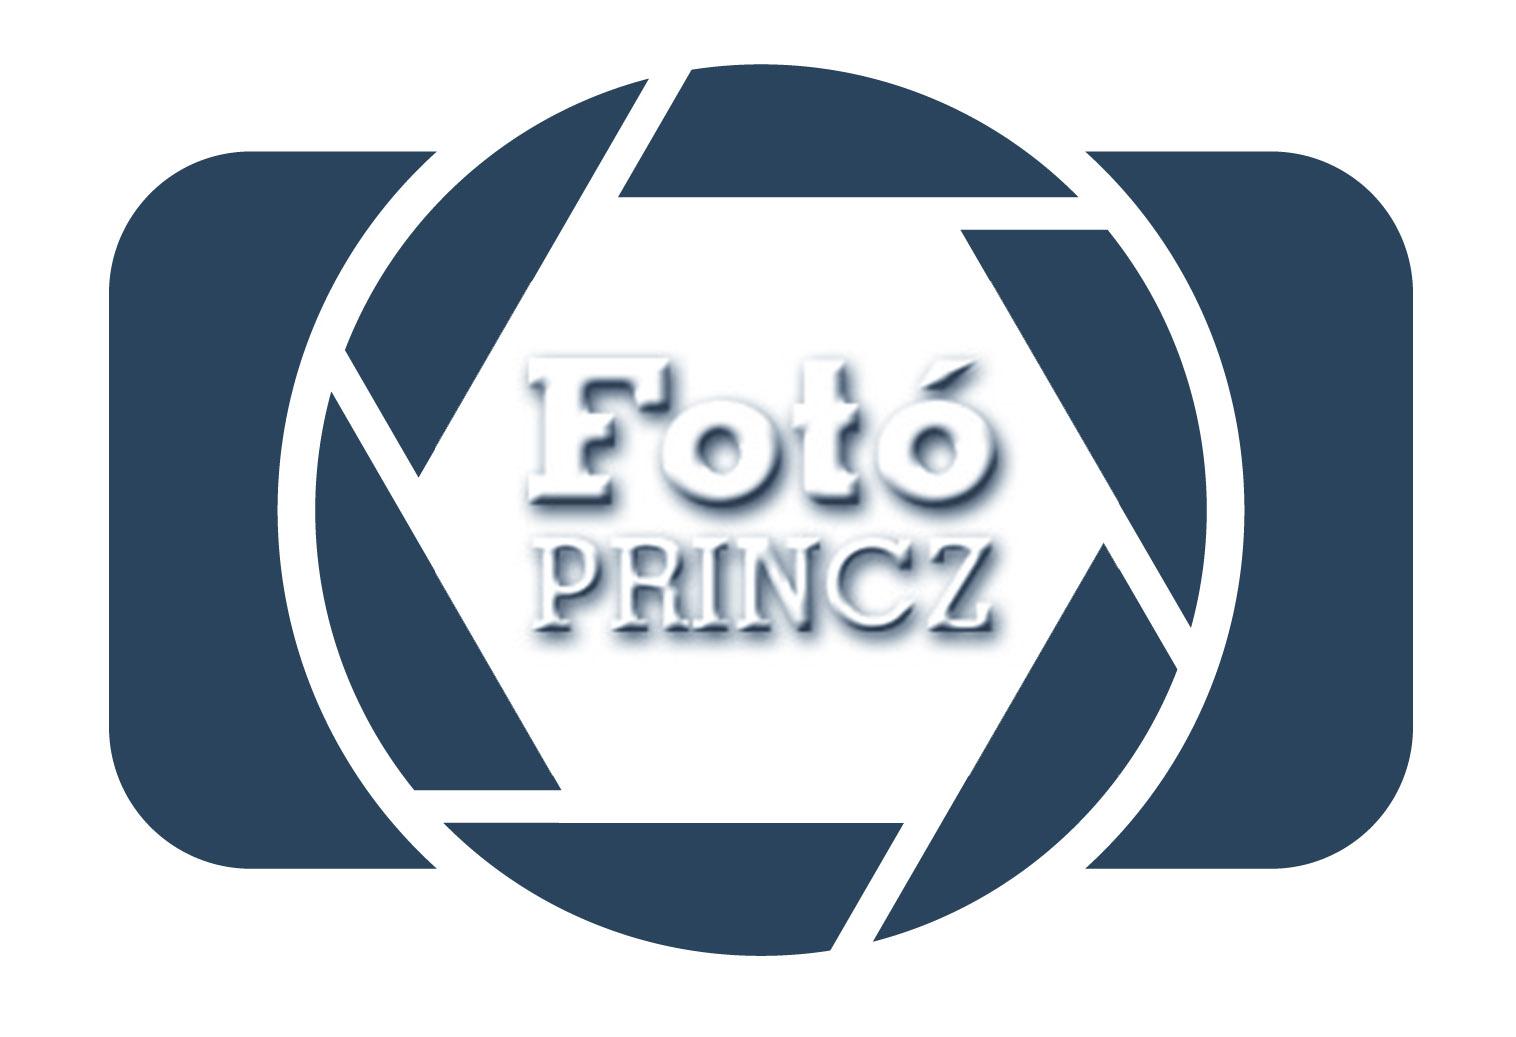 Fotó Princz